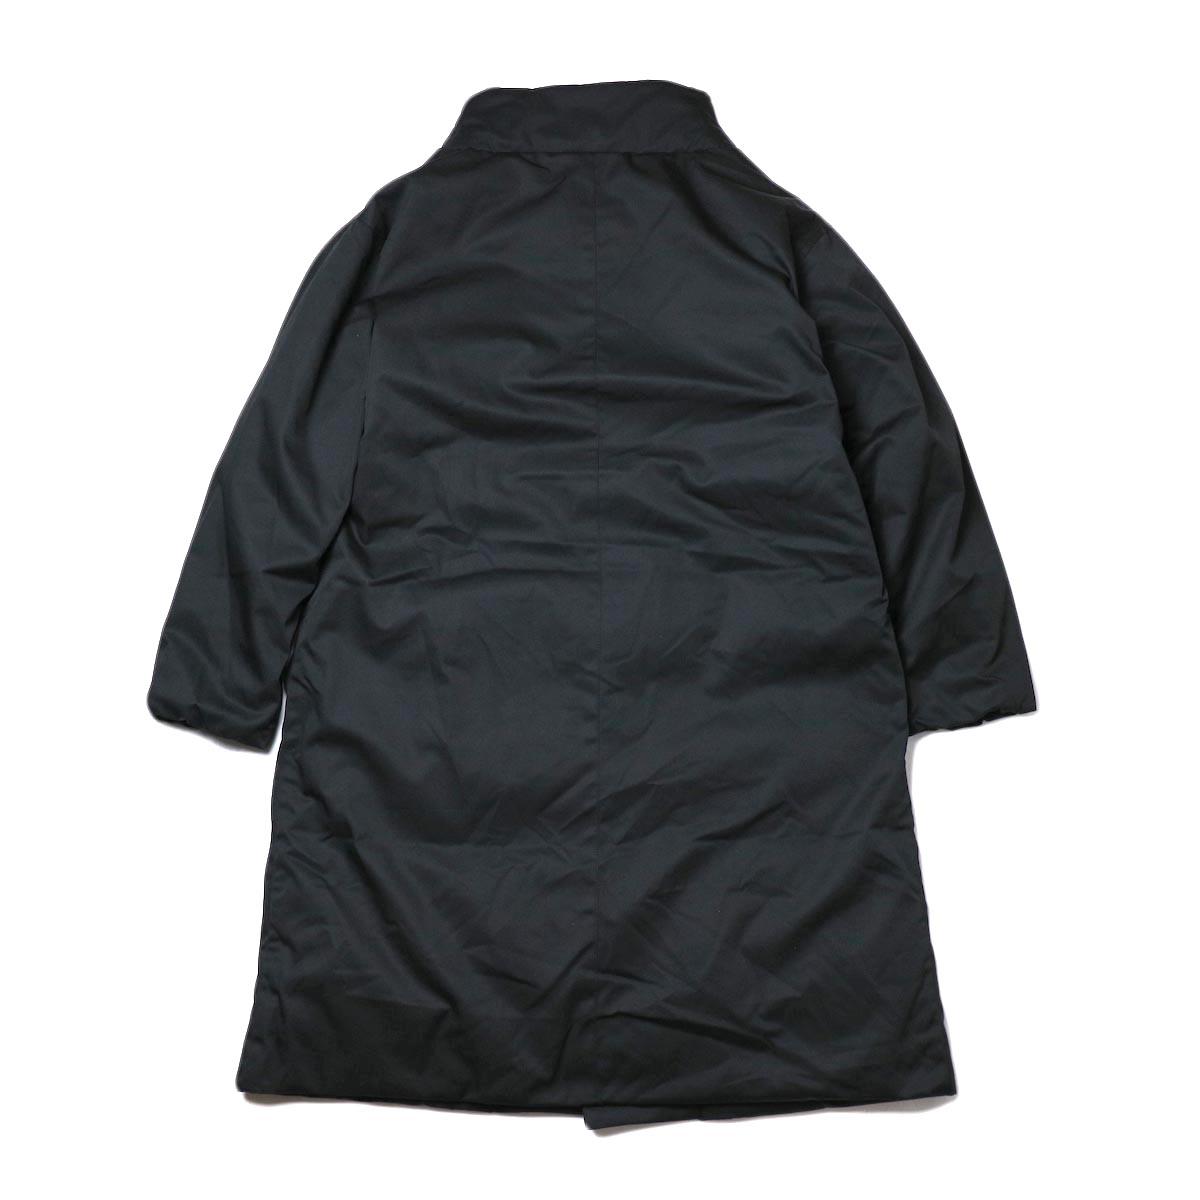 THE LOFT LABO / NARDY (Black) 背面